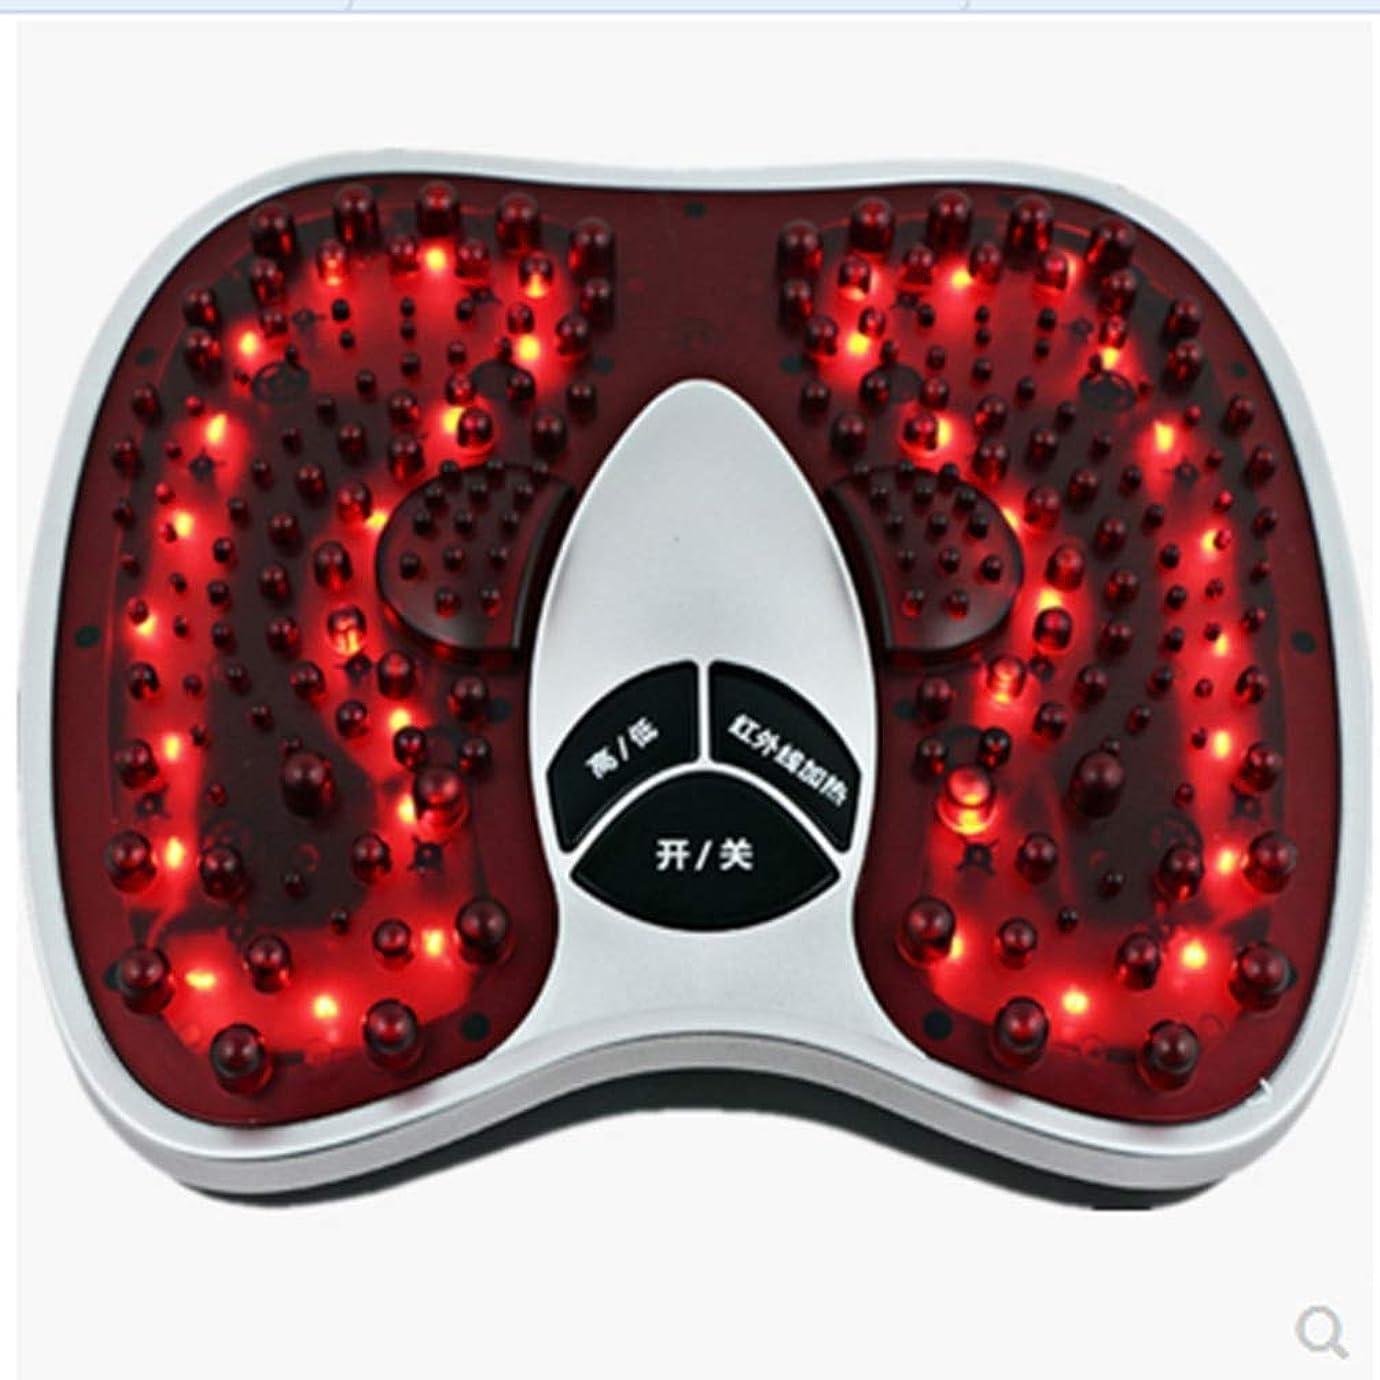 よろめくうめきアニメーションLLRYN 足裏筋膜炎、神経障害、疲れた足に最適な、熱を備えたフットマッサージャー、指圧電動フットマッサージャー